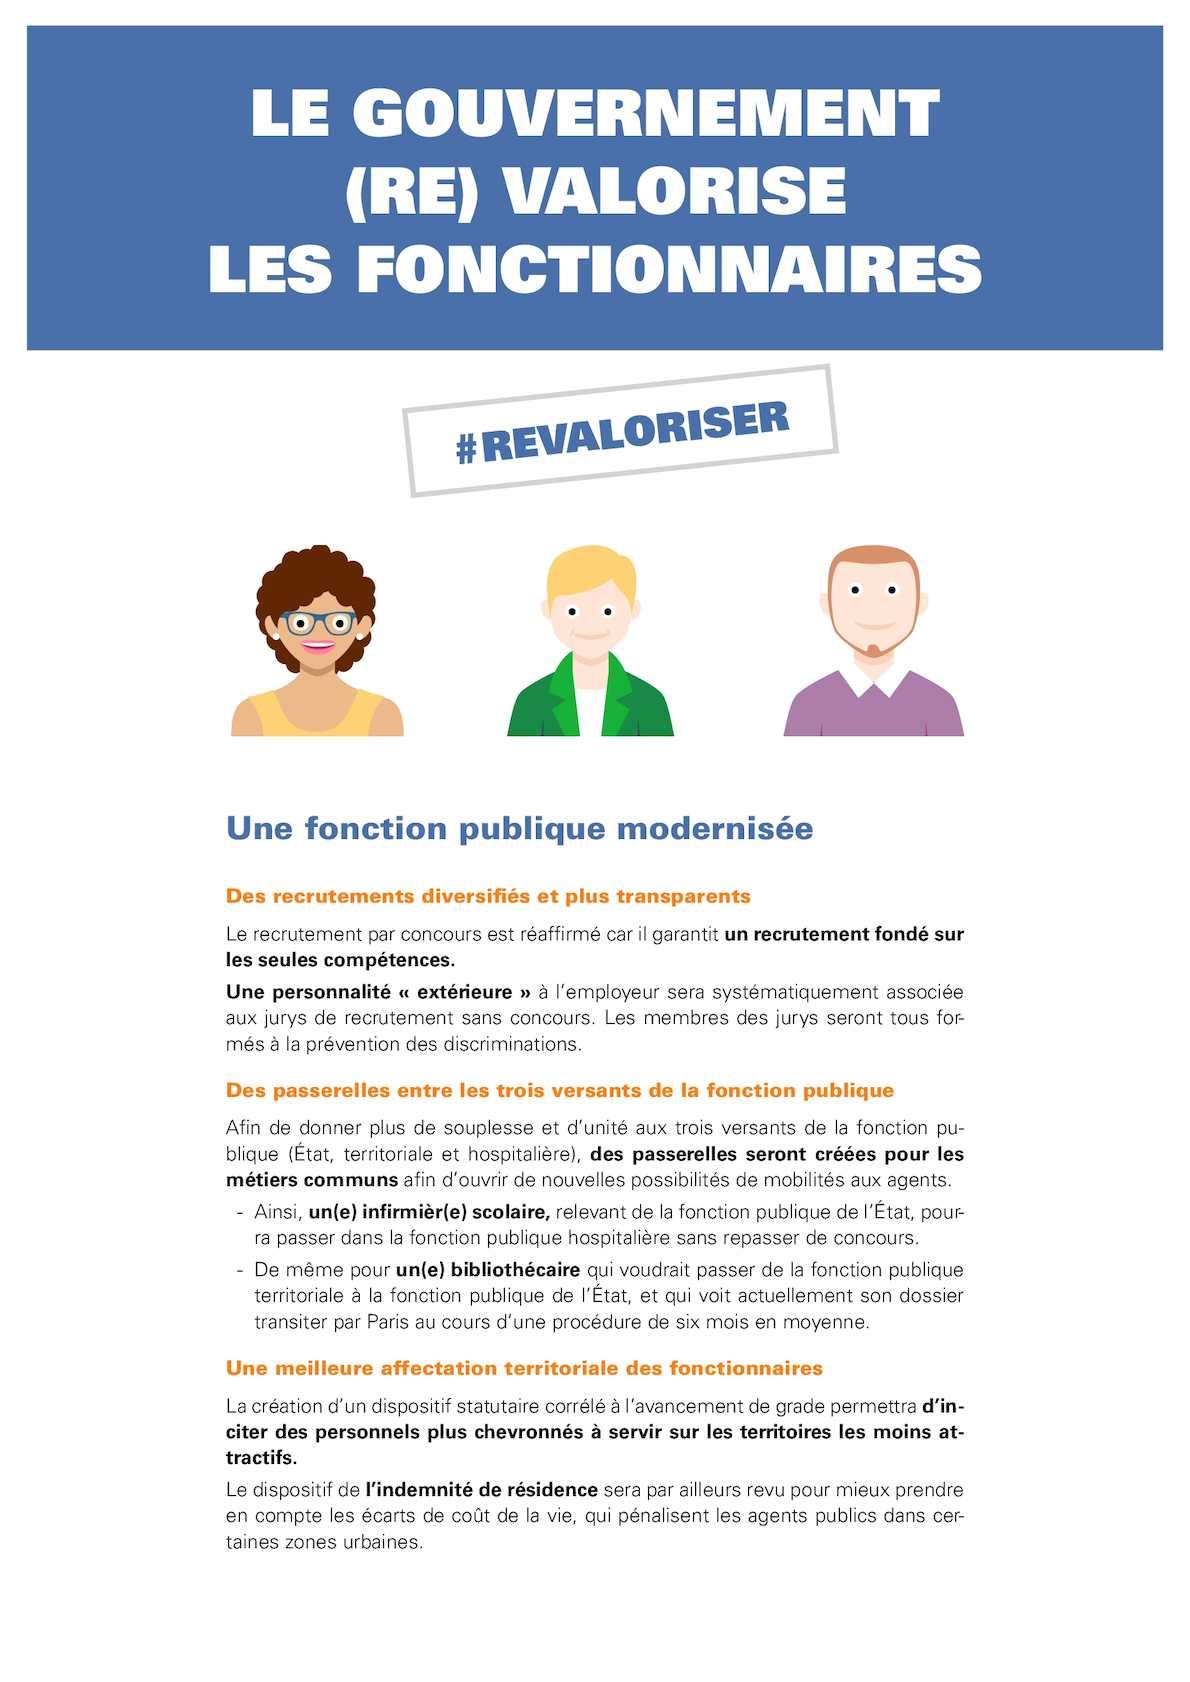 bce41fe7c8b Calaméo - Revalorisation Fonctionnaires 102015